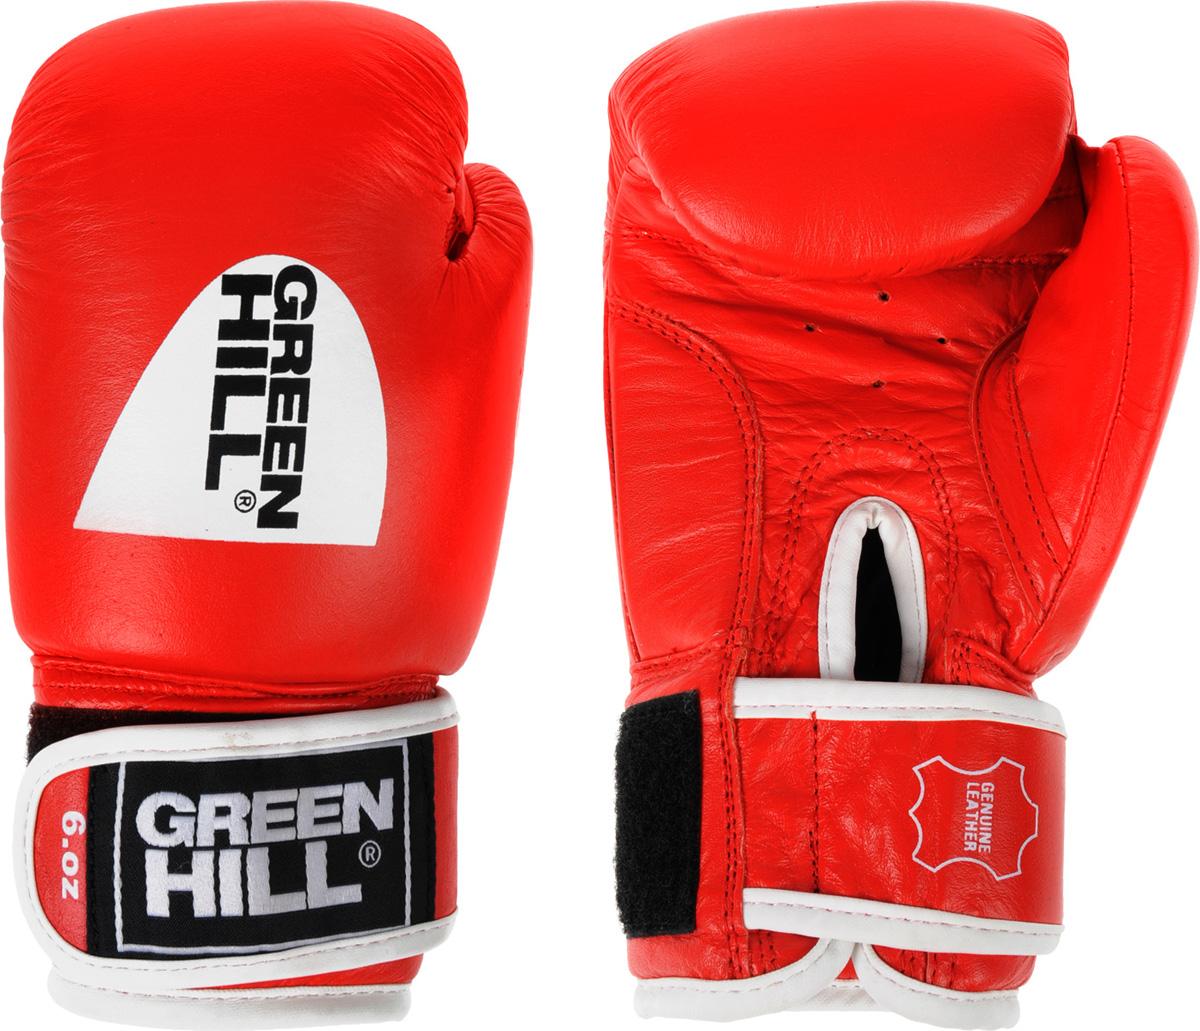 Перчатки боксерские Green Hill Gym, цвет: красный. Вес 6 унцийBGG-2018Боксерские перчатки Green Hill Gym специально разработаны для тренировочных спаррингов. Верх выполнен из натуральной кожи, наполнитель - из предварительно сформированного пенополиуретана. Перфорированная поверхность в области ладони позволяет создать максимально комфортный терморежим во время занятий. Широкий ремень, охватывая запястье, полностью оборачивается вокруг манжеты, благодаря чему создается дополнительная защита лучезапястного сустава от травмирования. Застежка на липучке способствует быстрому и удобному одеванию перчаток, плотно фиксирует перчатки на руке.